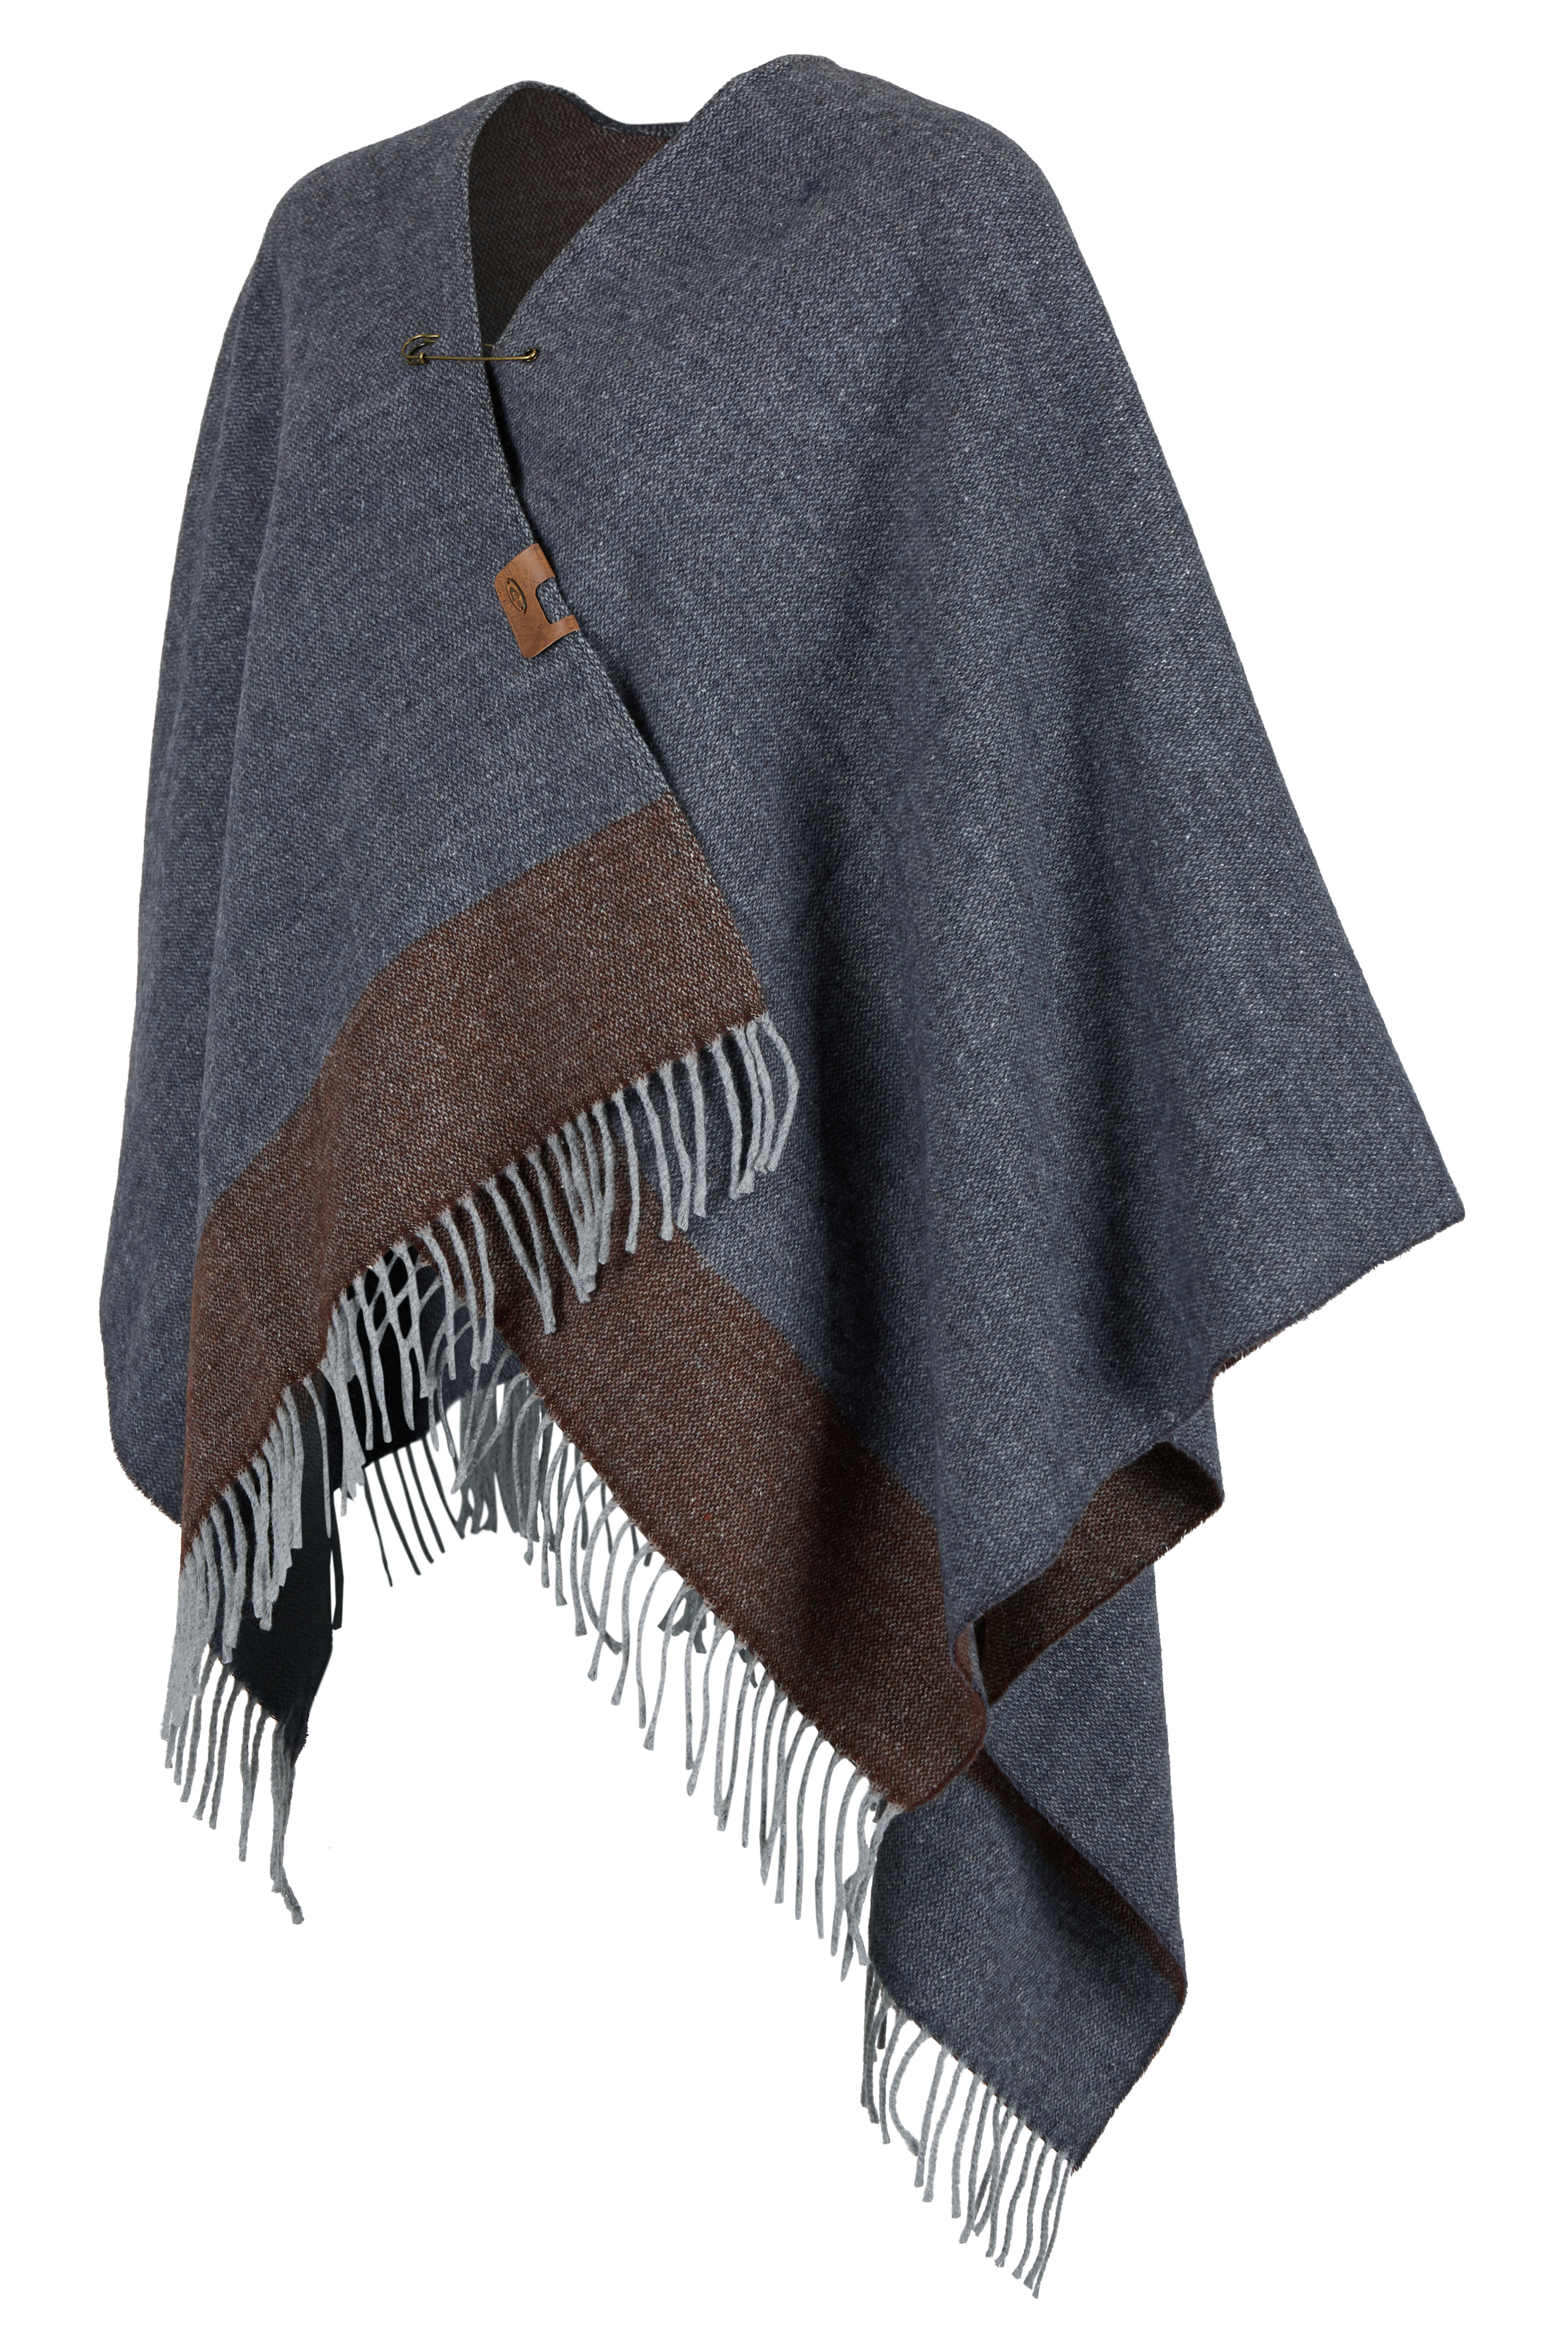 camel-active-Damen-Poncho-Cape-in-Woll-Optik-Grau-amp-Blau-NEU-304400-4A40